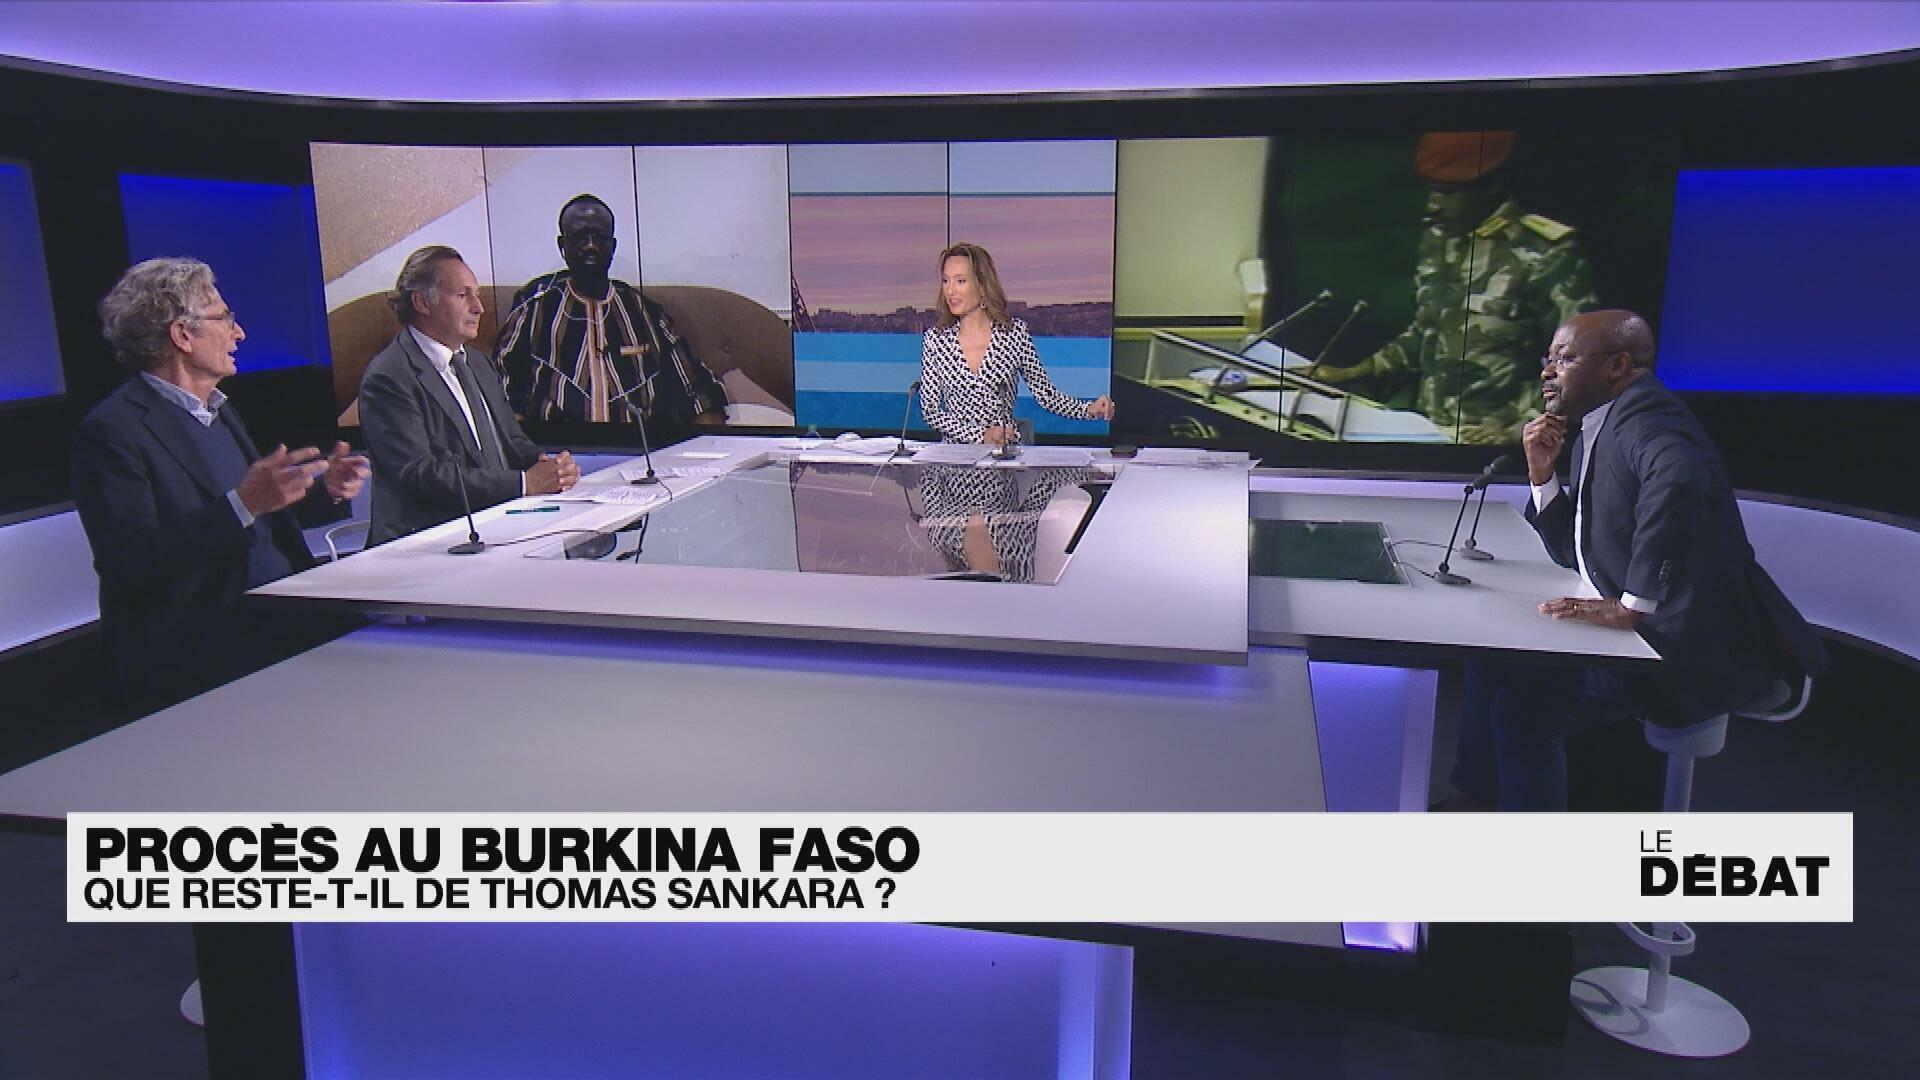 Procès au Burkina Faso : que reste-t-il de Thomas Sankara ?